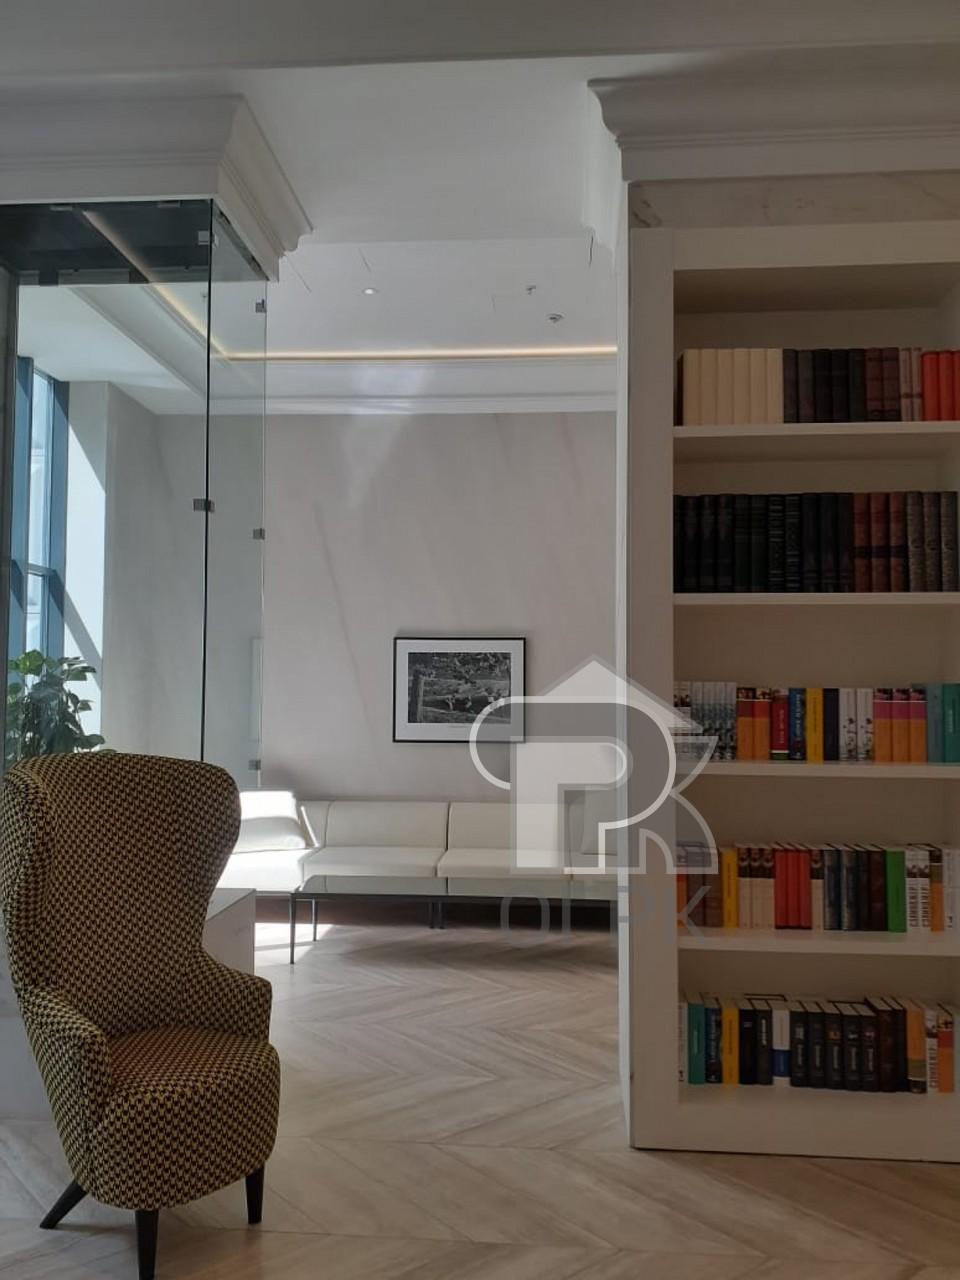 Купить 1-комнатную квартиру, город Москва, Москва, ул. Верхняя, д.20к.1, №322505